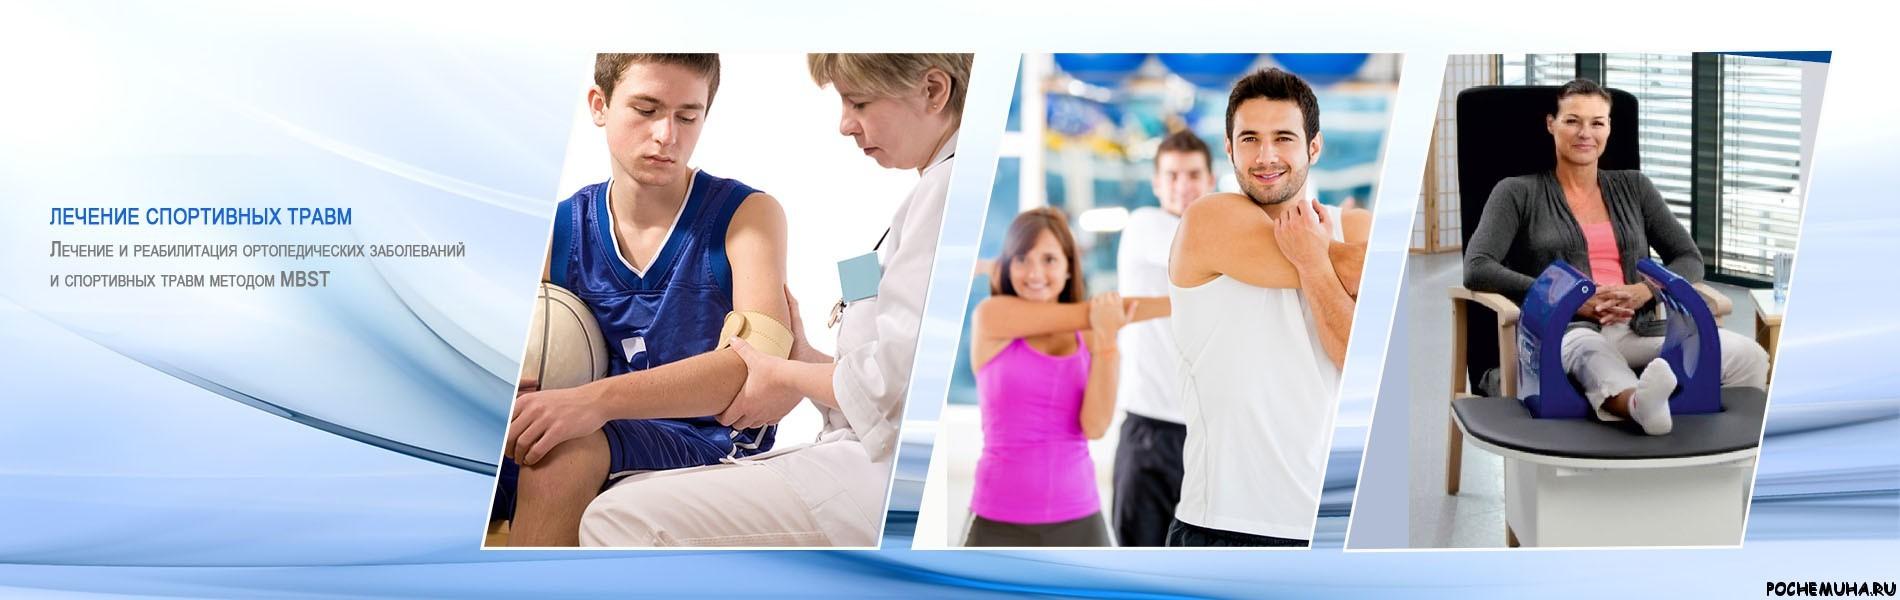 Безоперационный метод лечения суставов и позвоночника. терапия